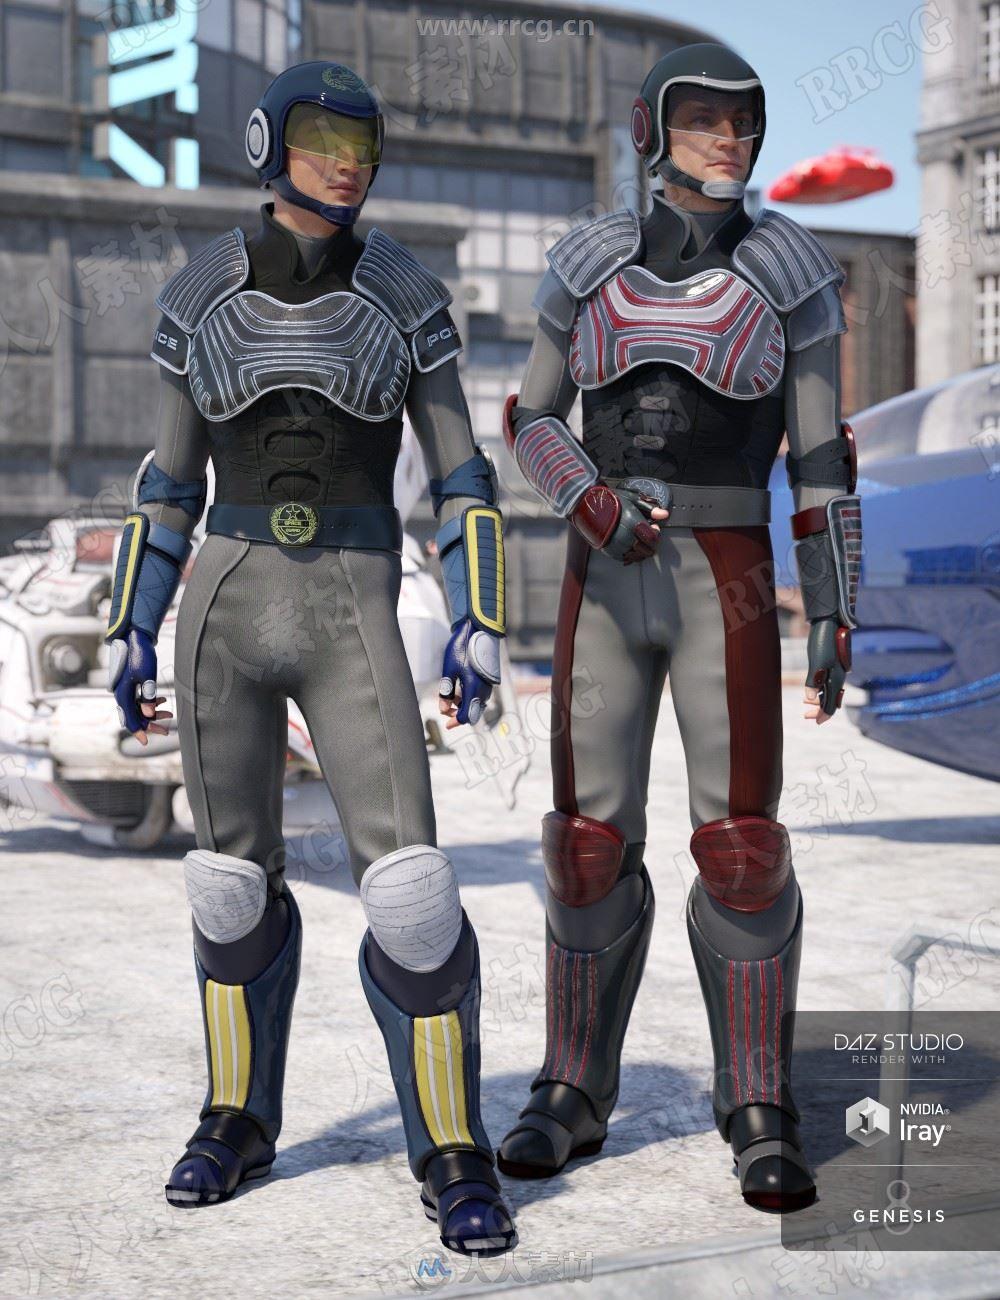 科幻男性警察制服套装3D模型合集